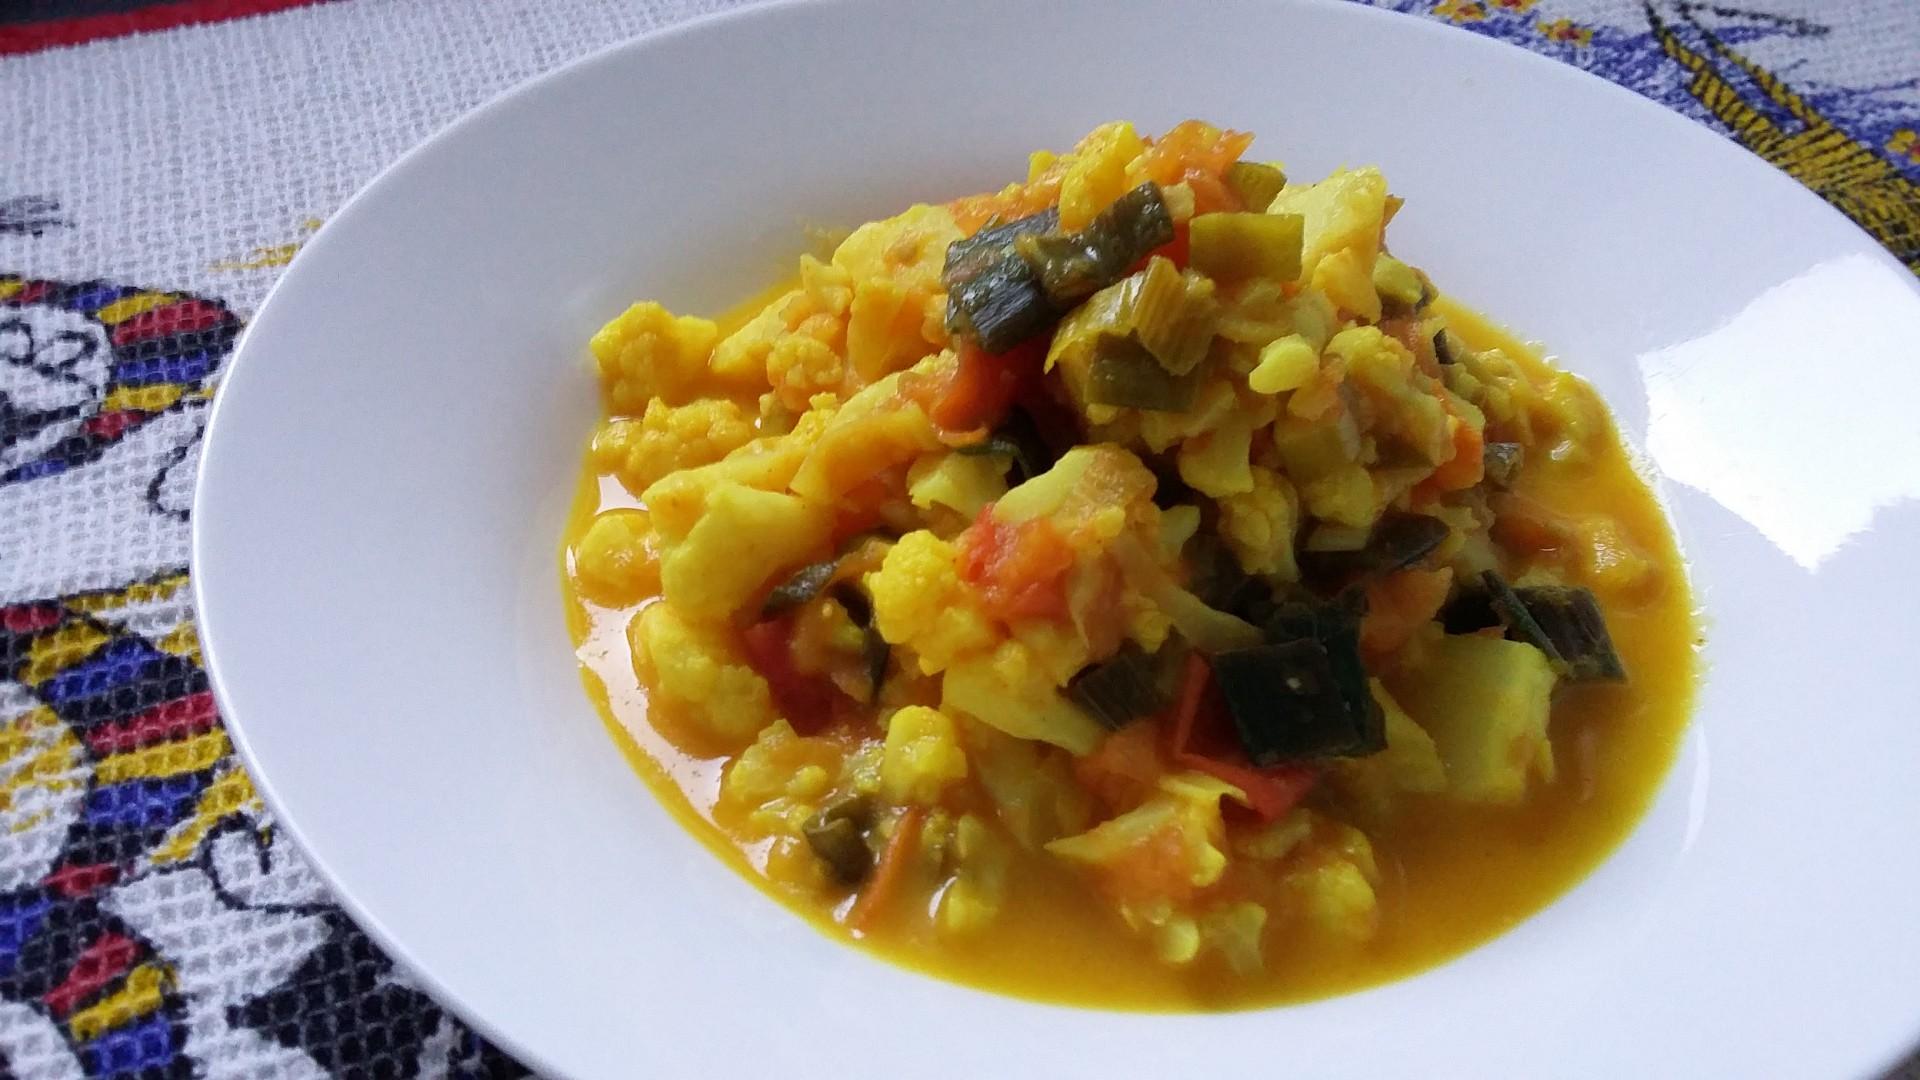 Zlatá zelenina s kapkou smetany recept